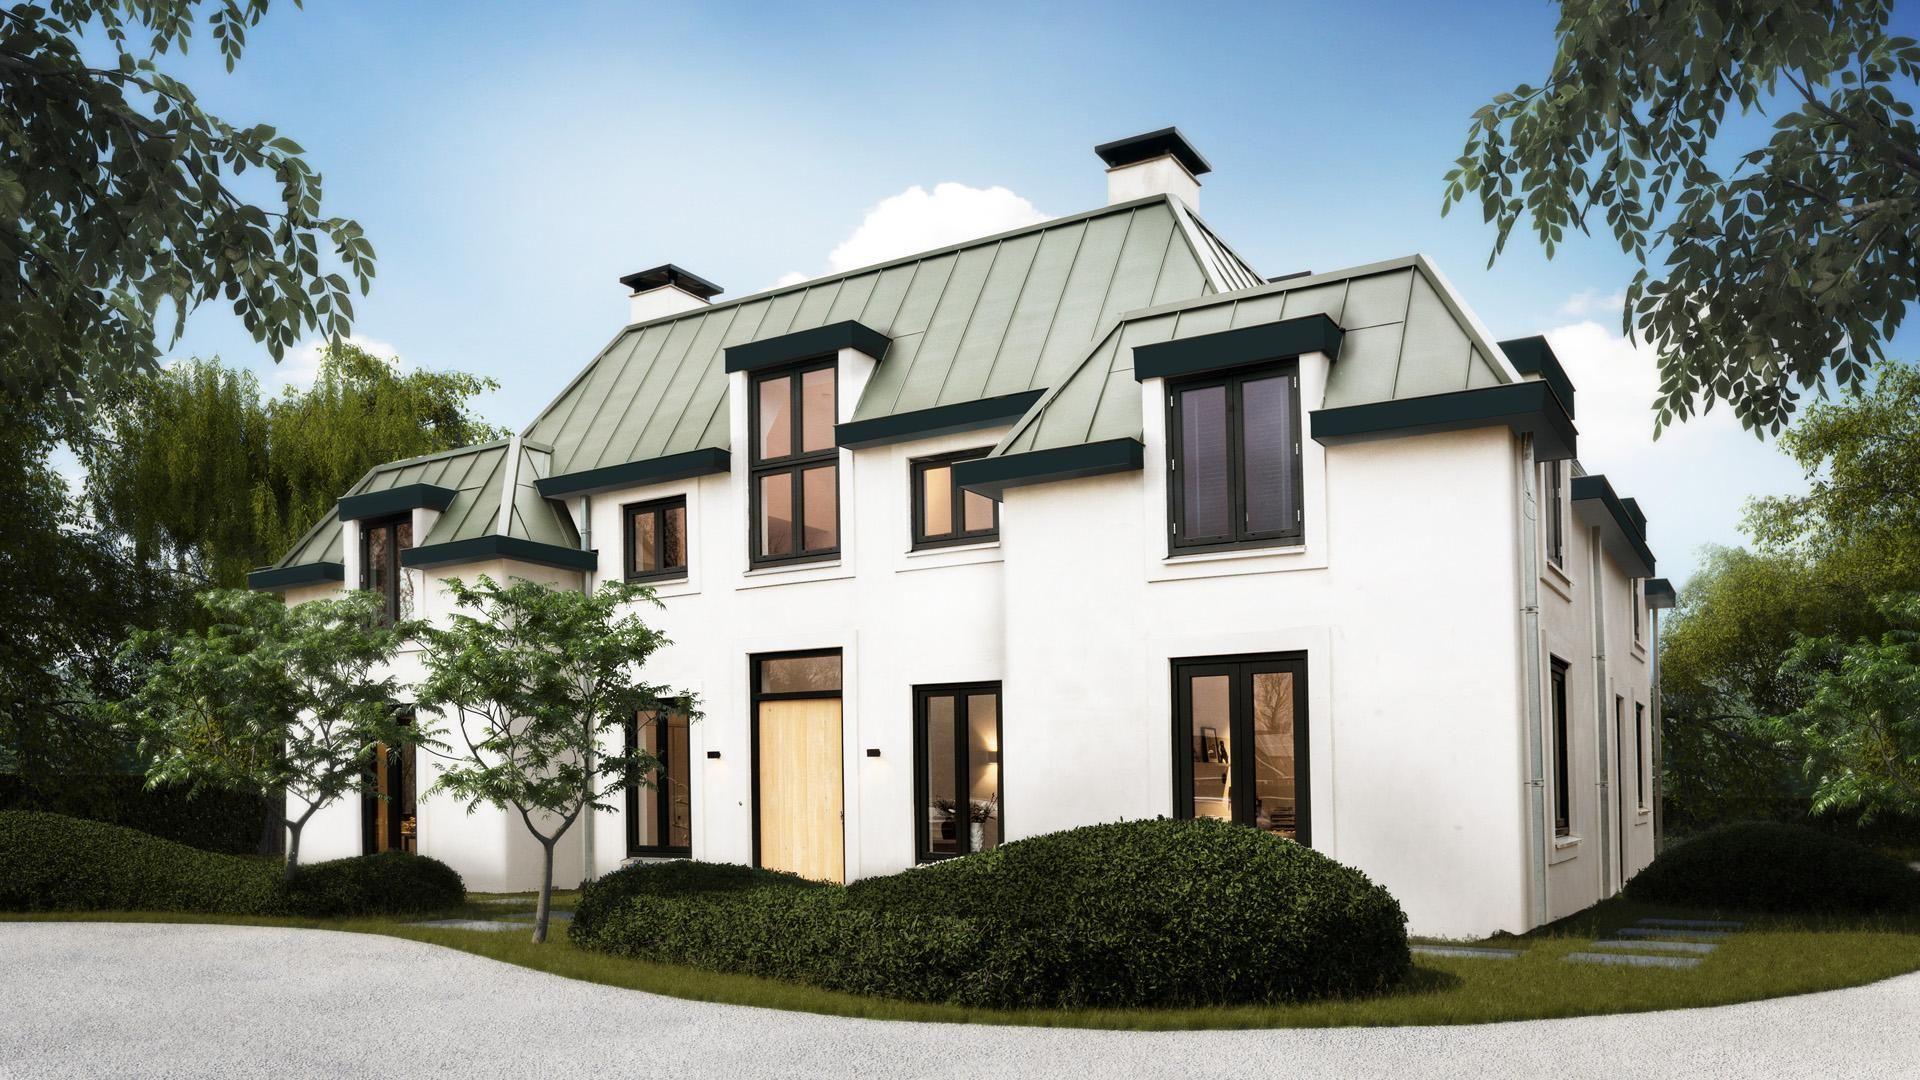 Voorbeeld van een nieuwbouw villa zwaanshoek bekijken bekijk hier